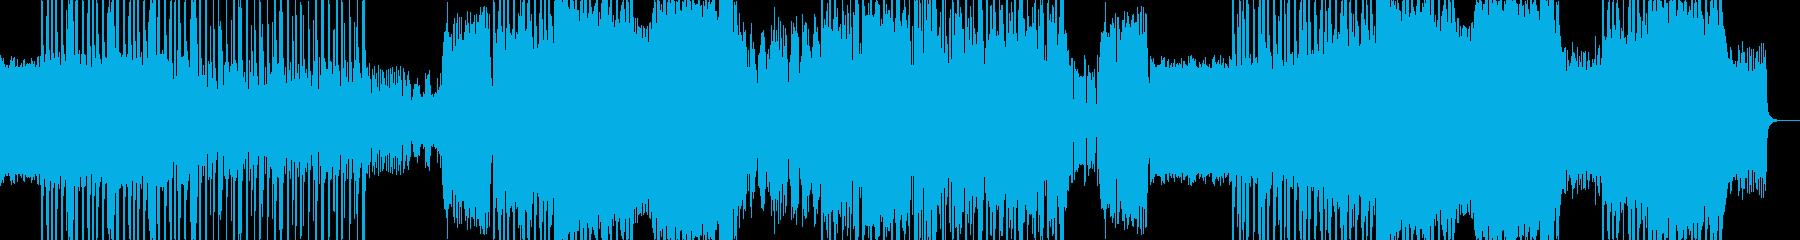 宇宙船コックピットの臨場感ある楽曲の再生済みの波形